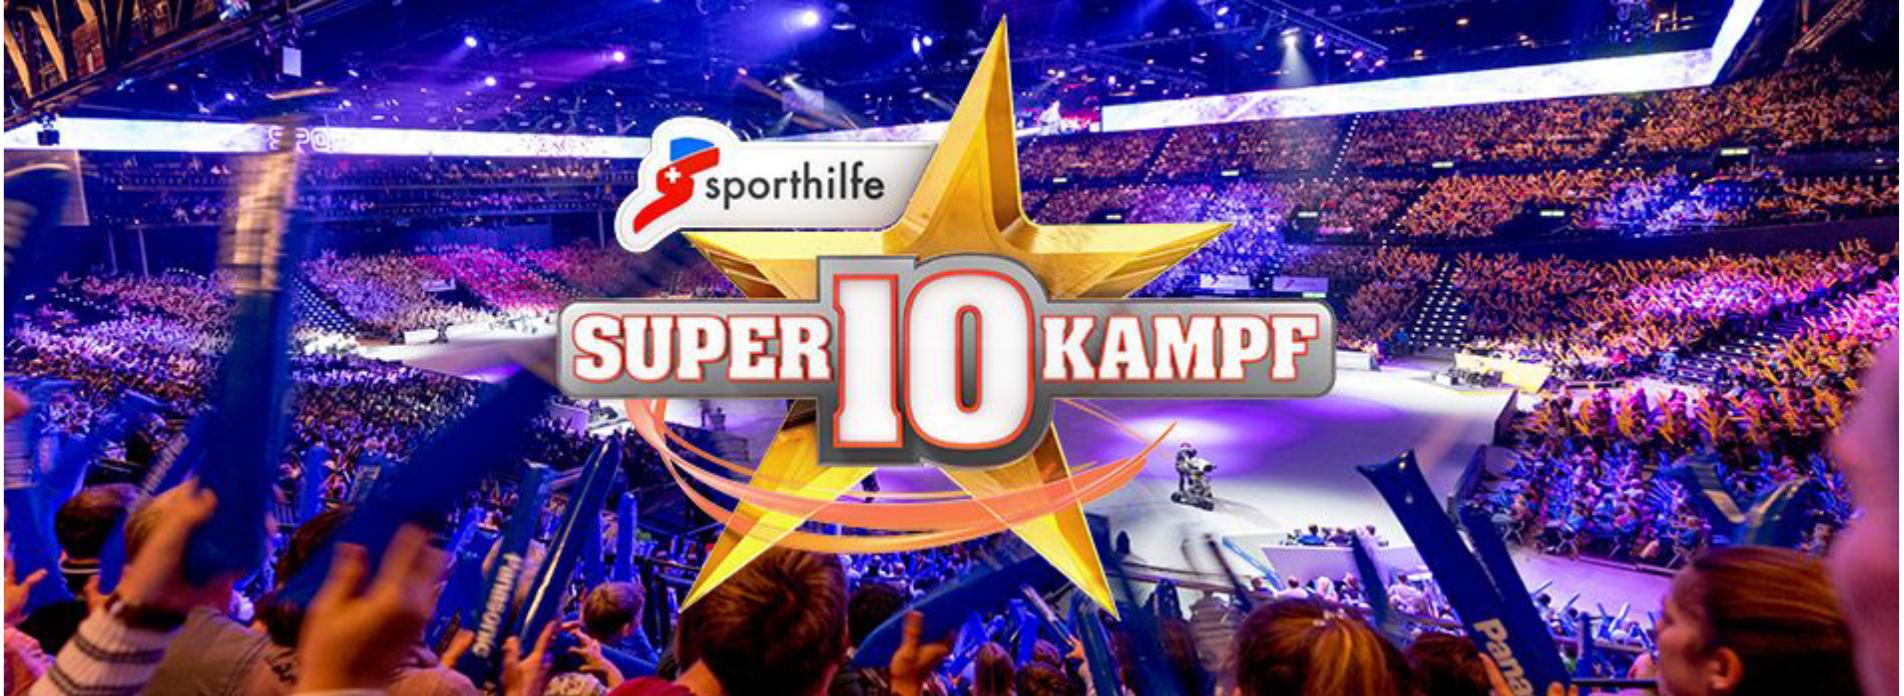 SUPER 10 KAMPF